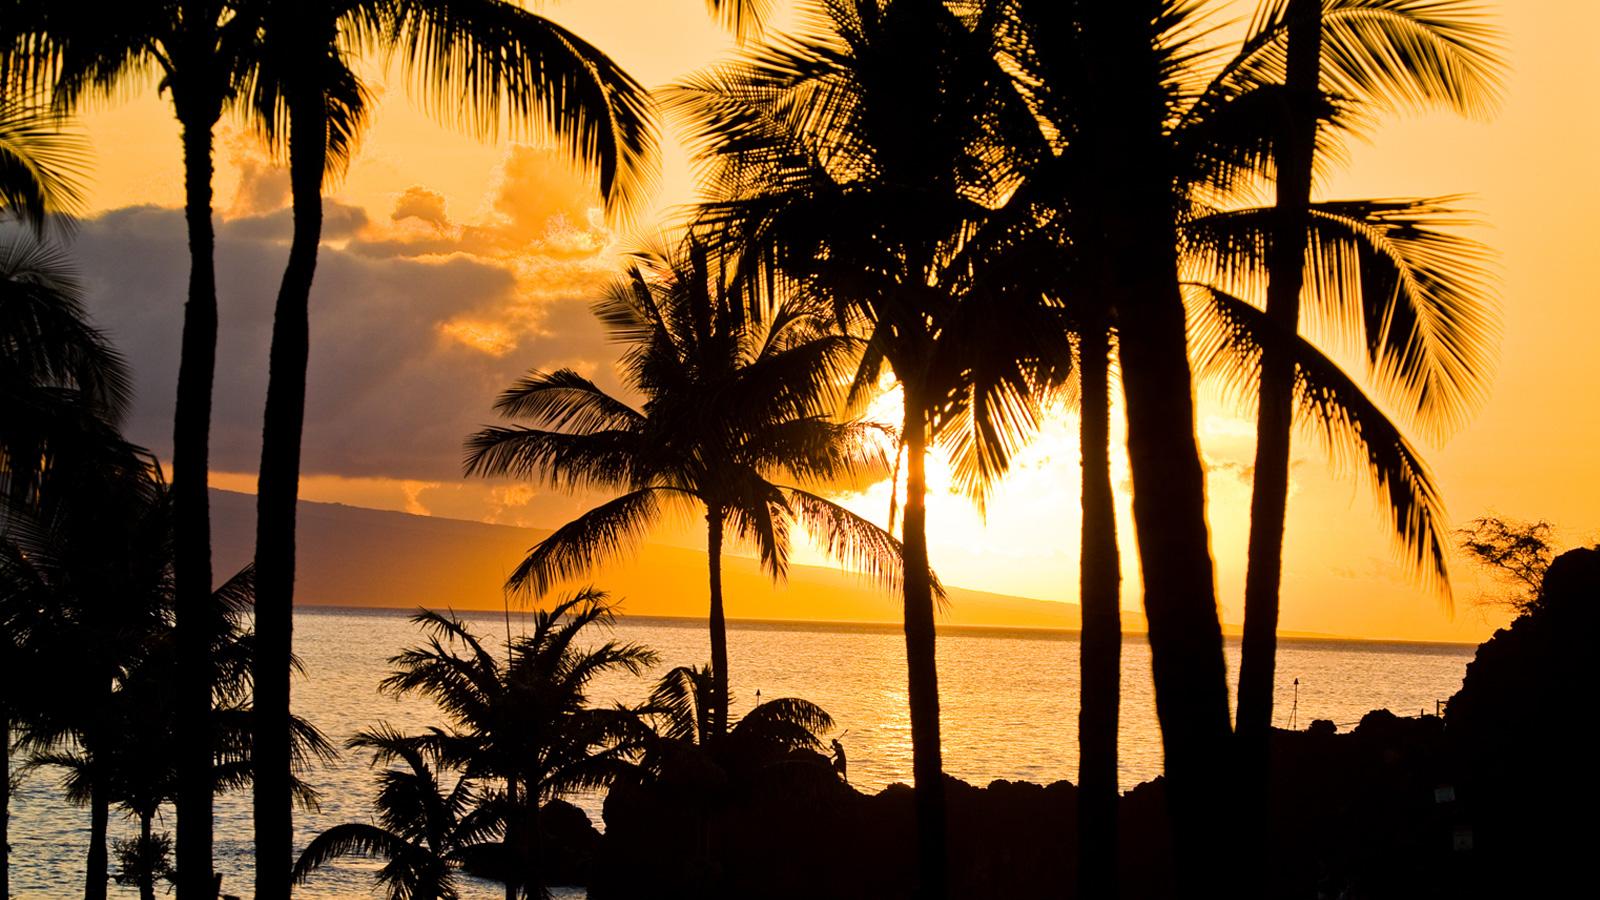 Hawaii Abenteuerreise Big Island Reise für junge Leute Gruppenreise traveljunkies Amerika